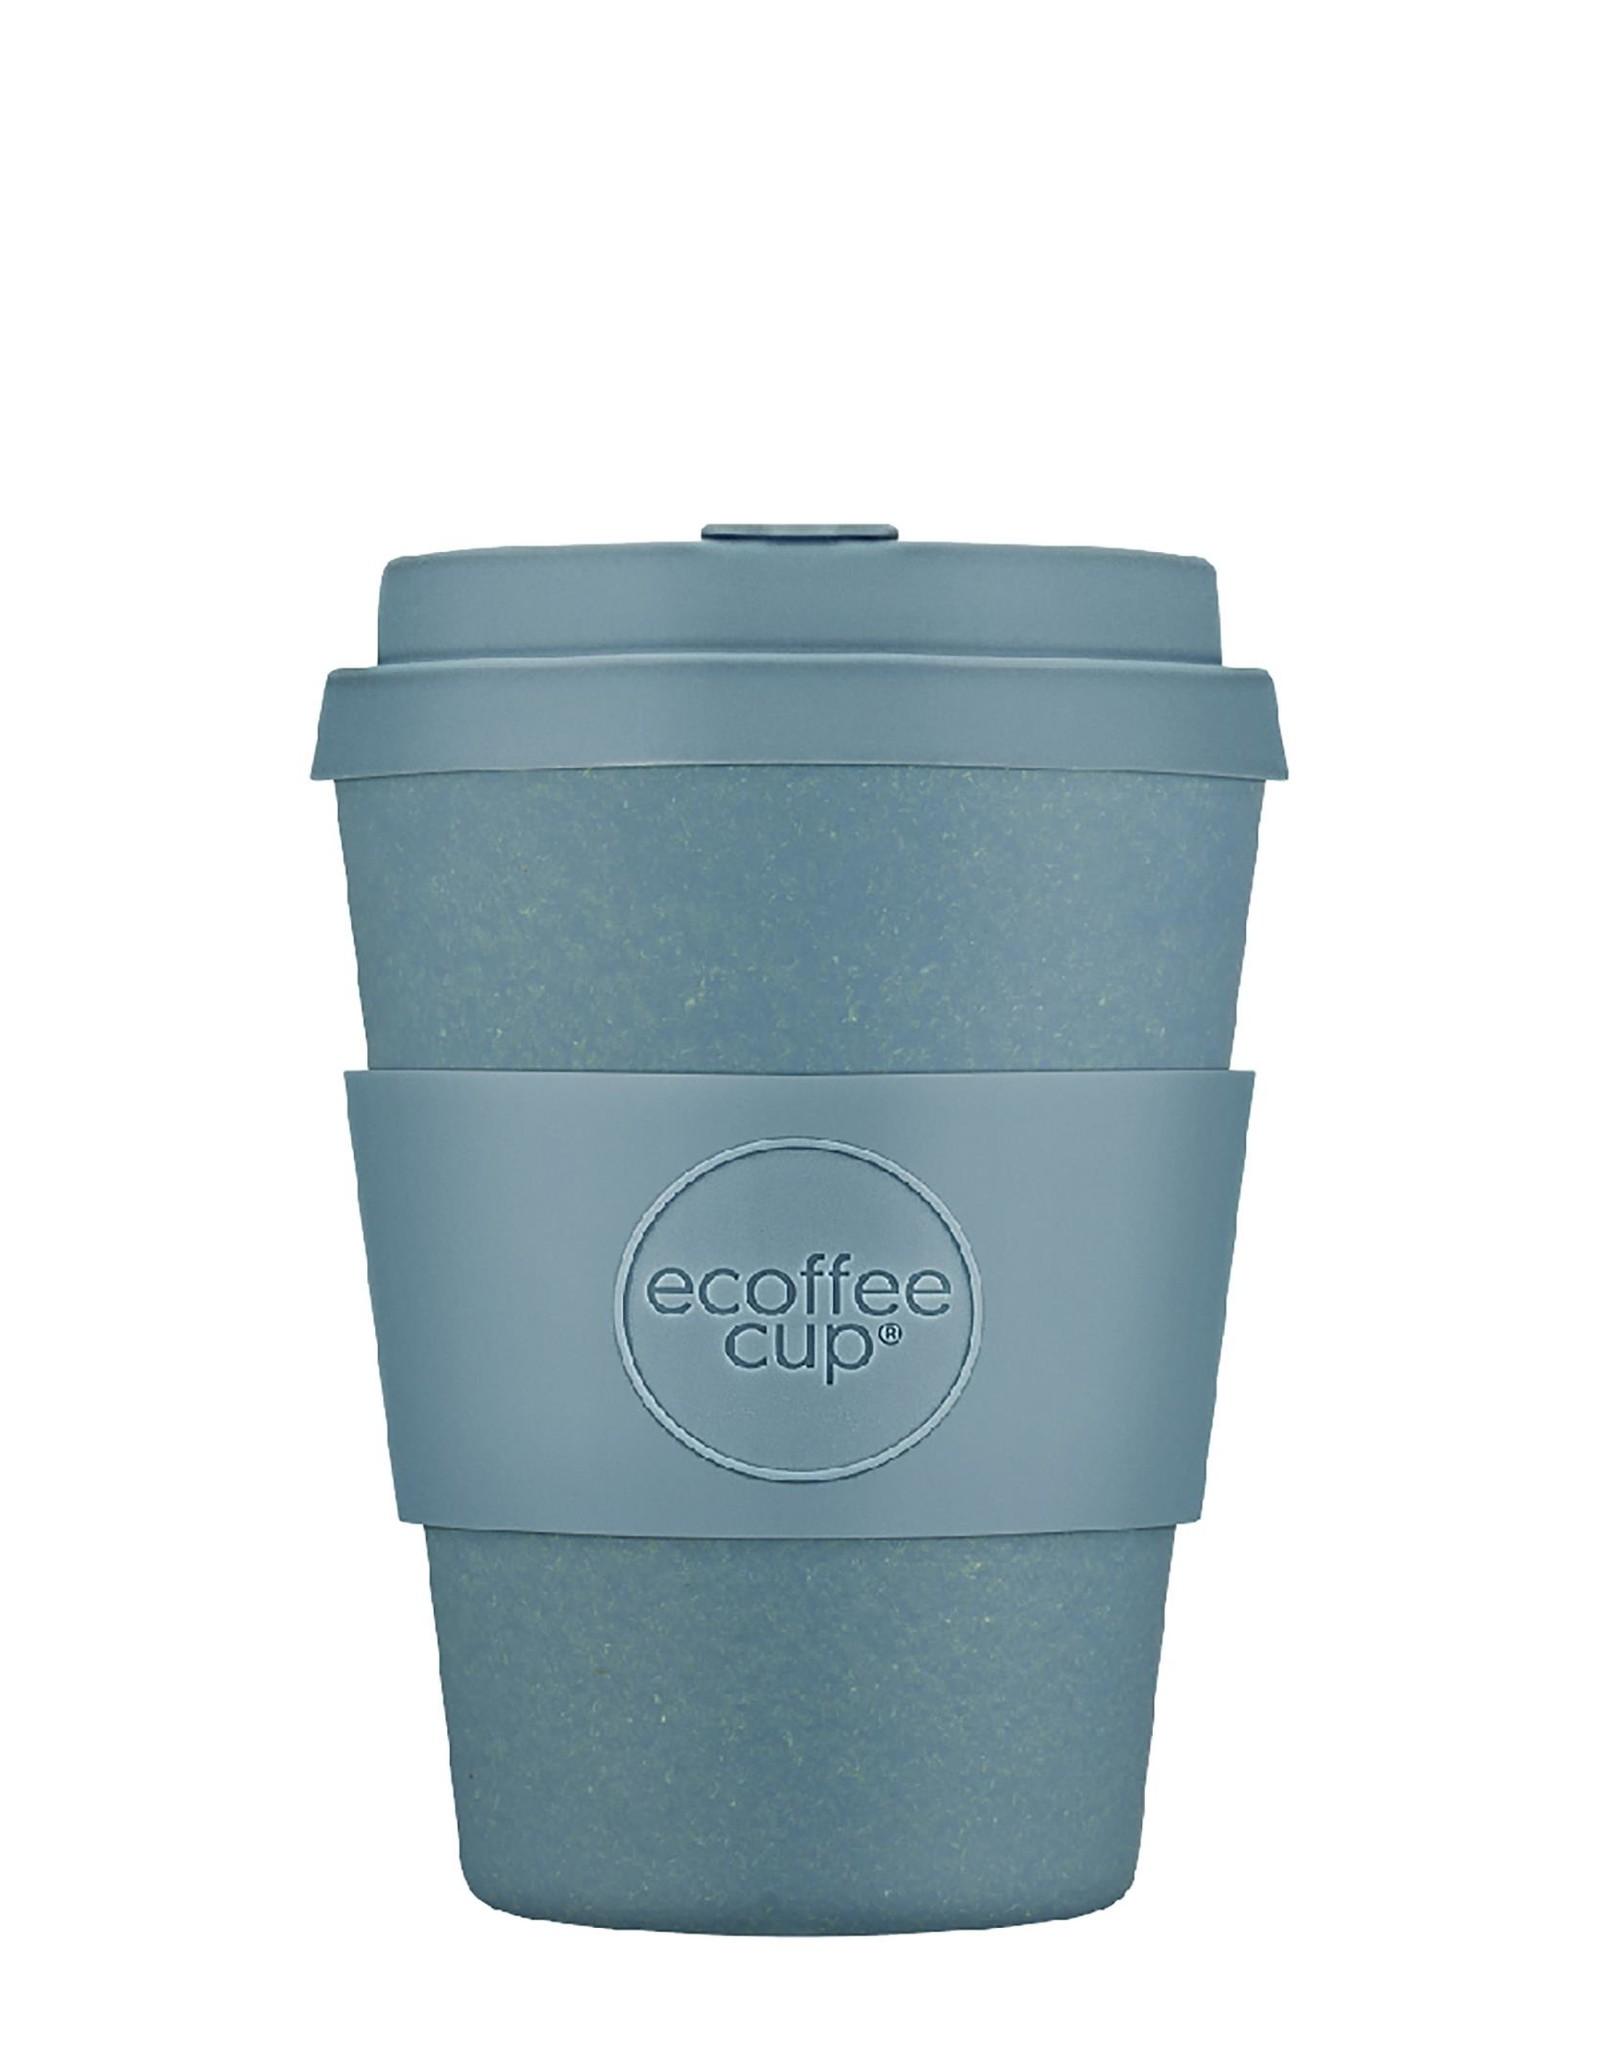 EcoffeeCup EcoffeeCup